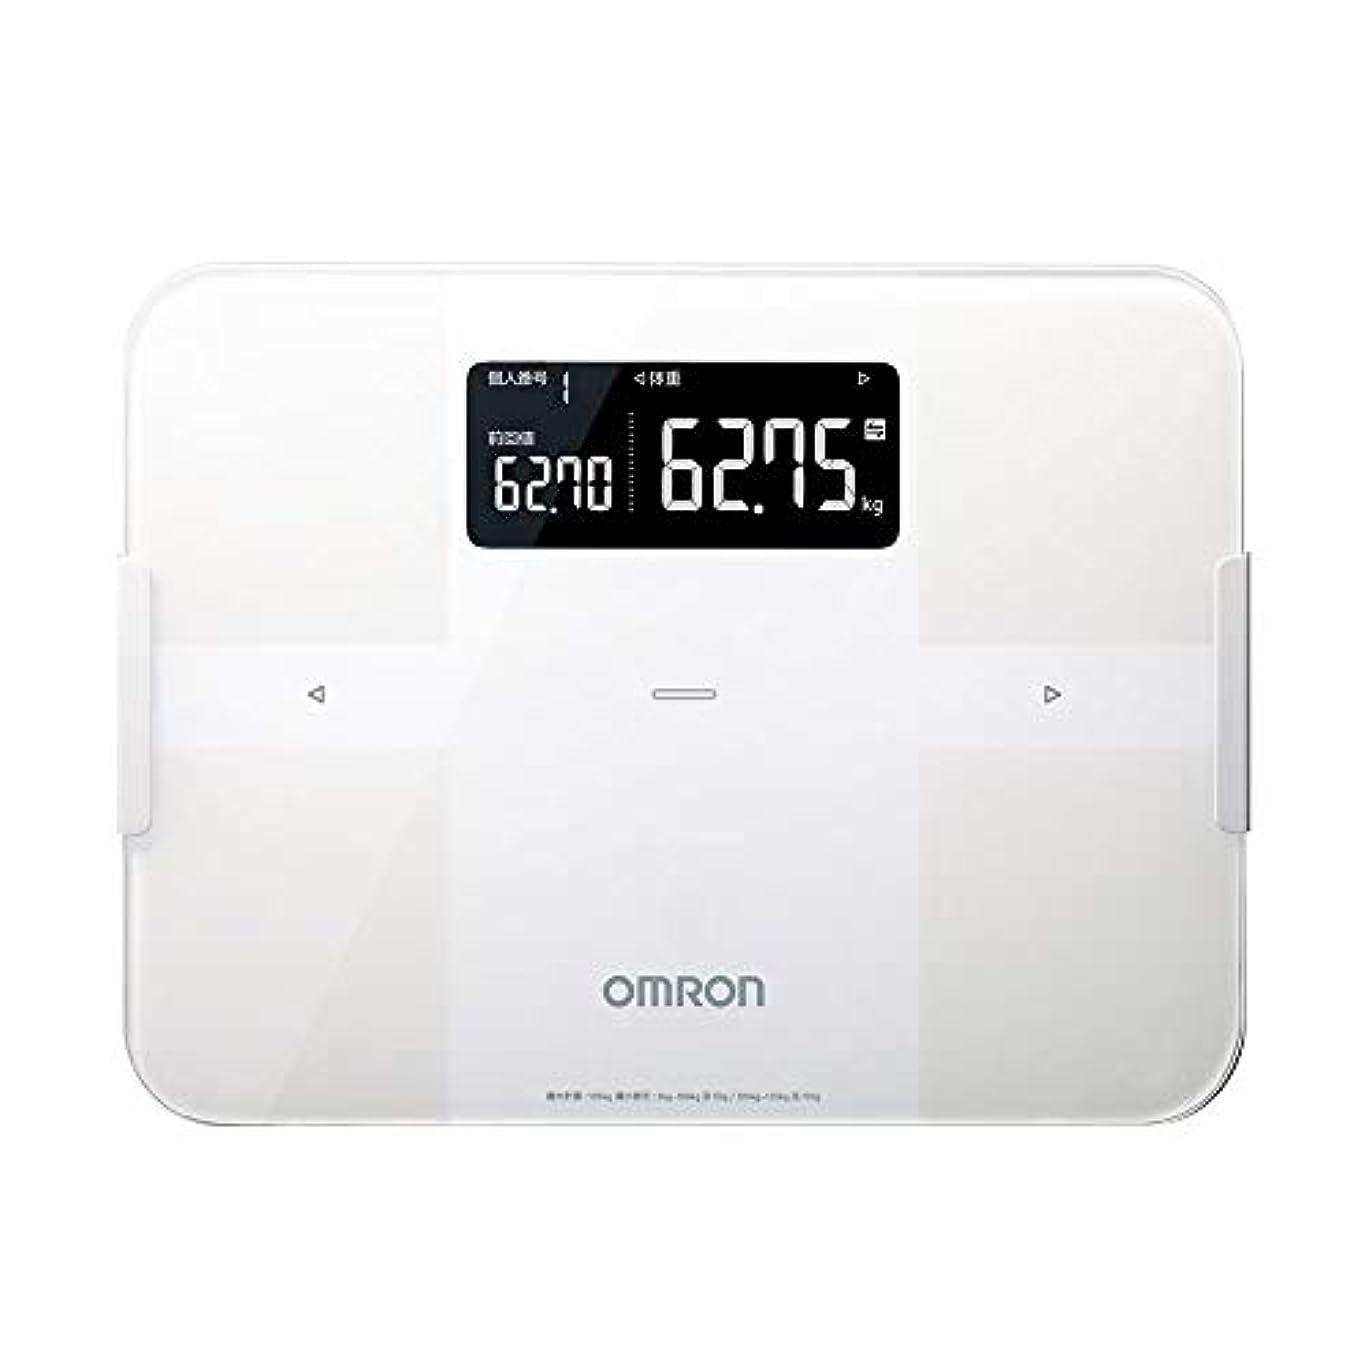 寓話妥協マージオムロン 体重?体組成計 カラダスキャン スマホアプリ/OMRON connect対応 ホワイト HBF-256T-W